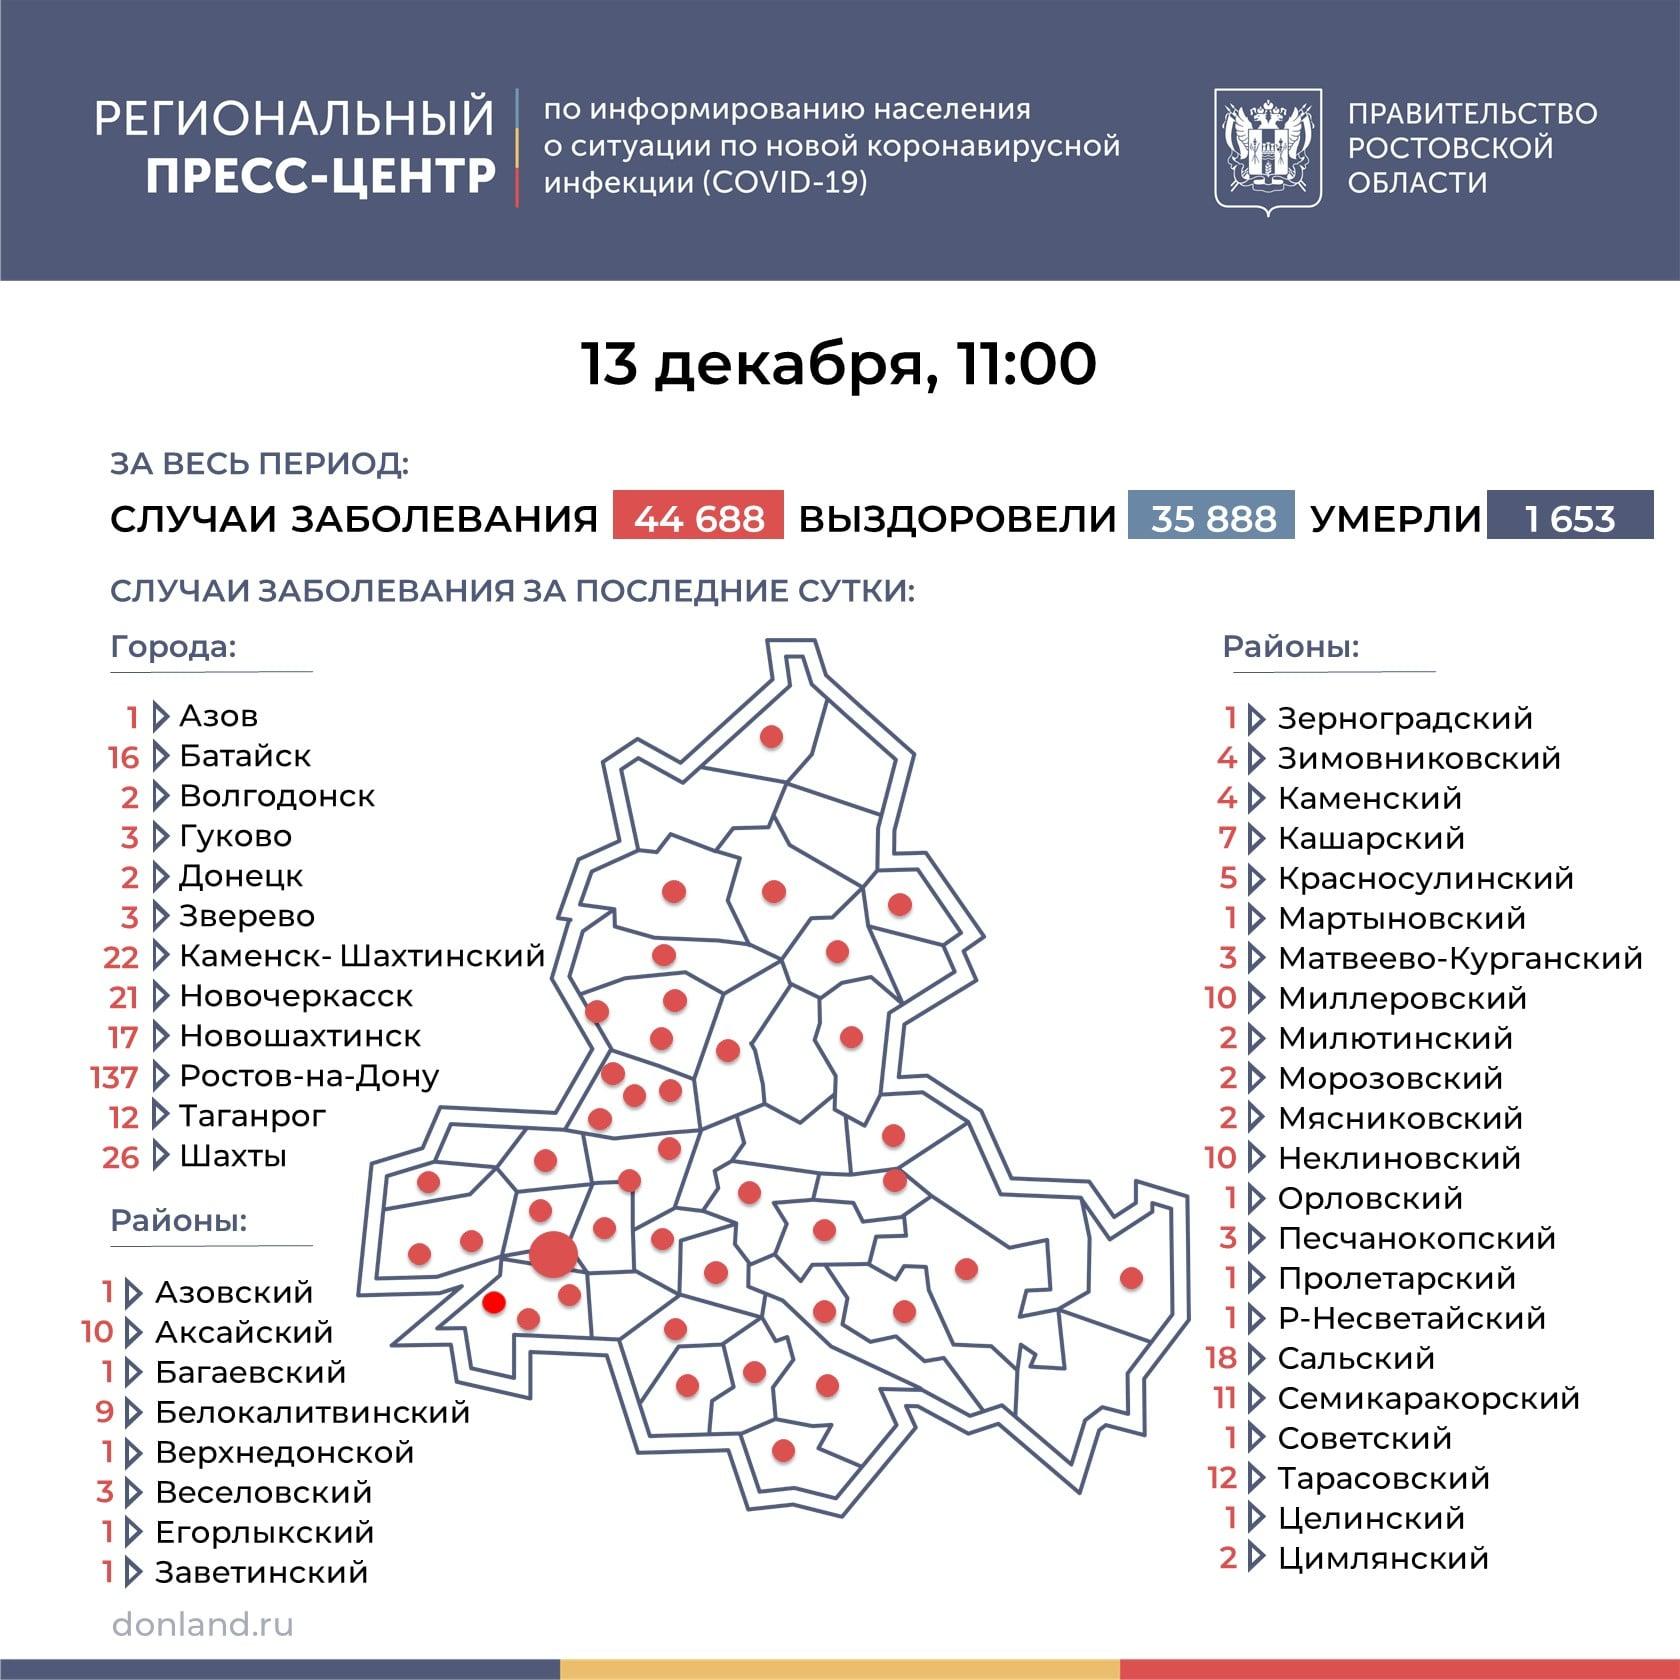 Коронавирус: в Таганроге — еще 12 заболевших